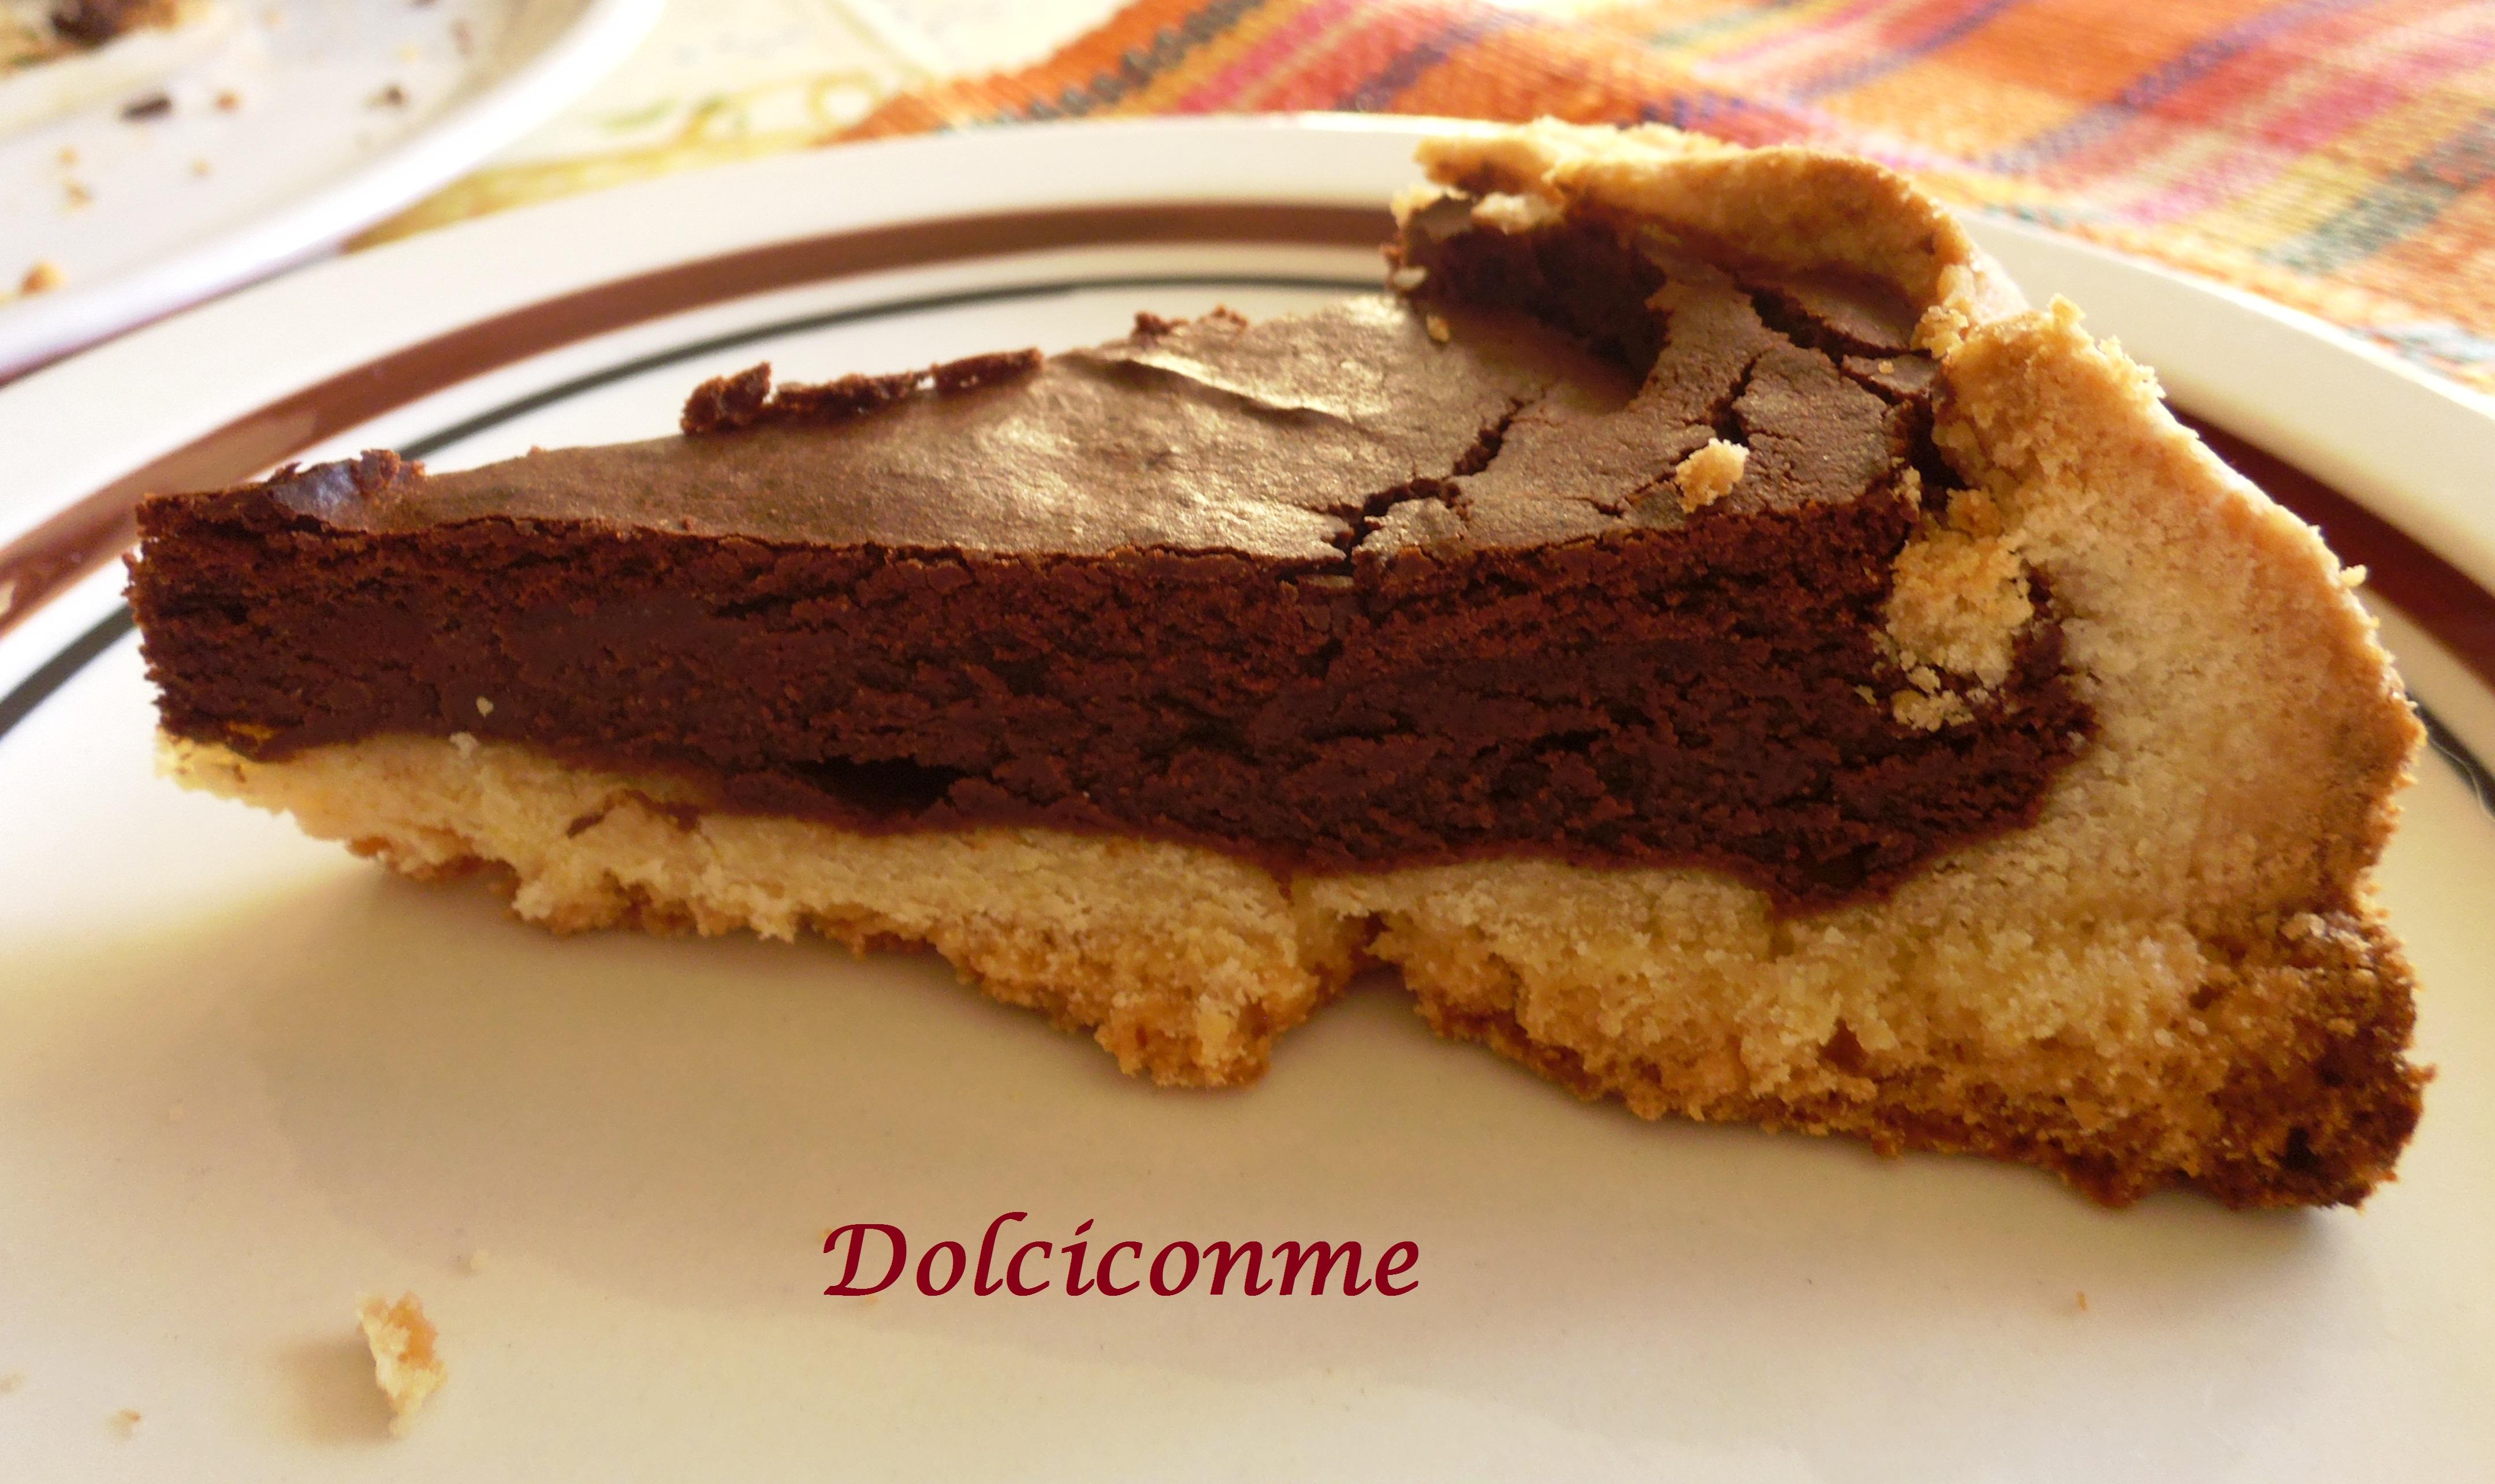 dolce di ricotta al cioccolato dulce de ricotta con chocolate dolci con me. Black Bedroom Furniture Sets. Home Design Ideas